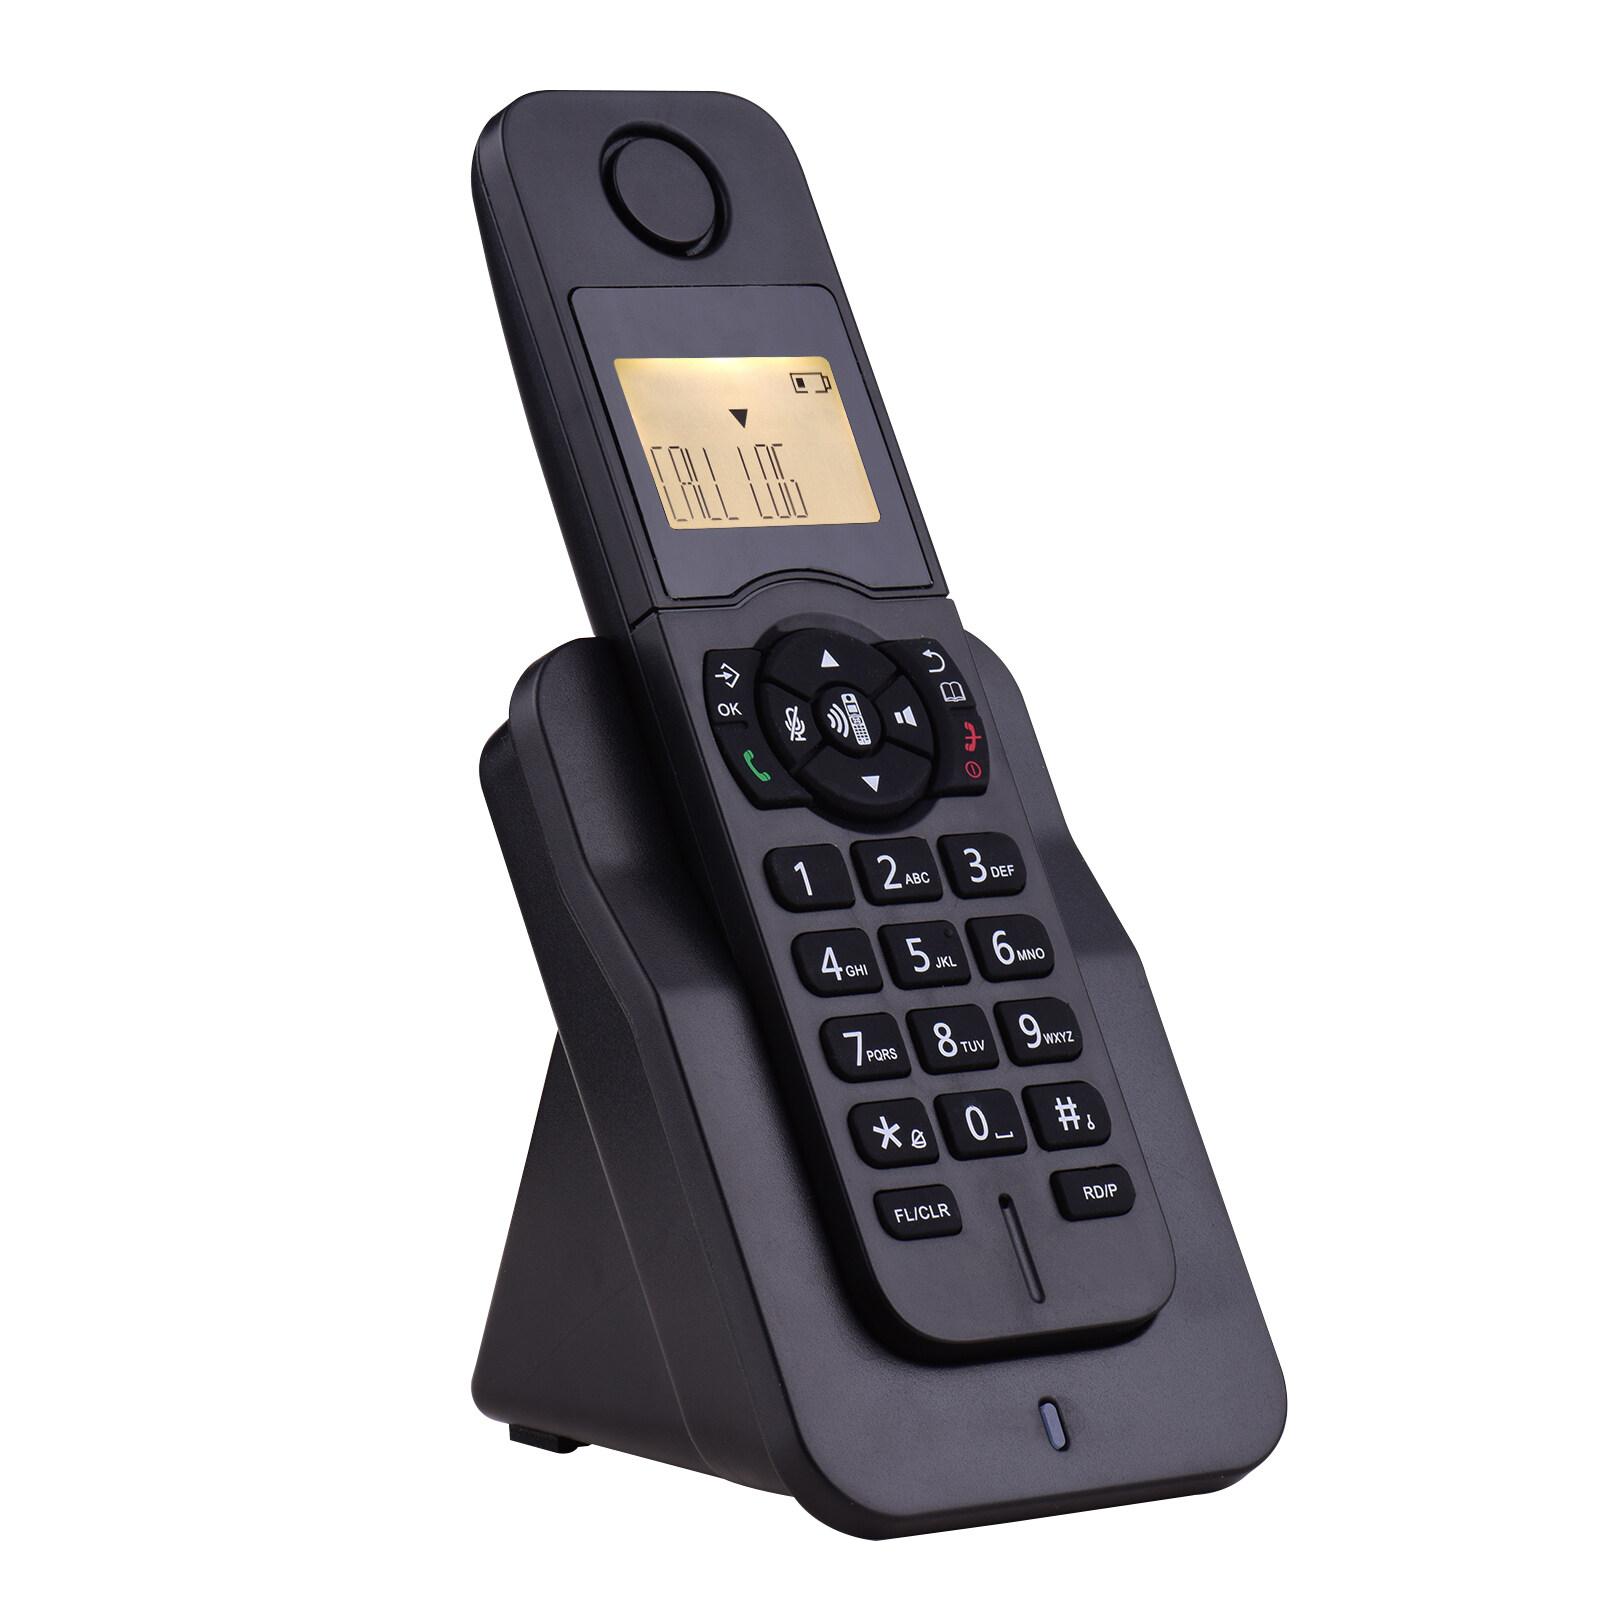 ขยายโทรศัพท์ไร้สายโทรศัพท์จอแสดงผลlcdหมายเลขผู้โทร50สมุดโทรศัพท์ความทรงจำแฮนด์ฟรีconference Call 16ภาษาสนับสนุน5การเชื่อมต่อสำหรับสำนักงานธุรกิจครอบครัว.